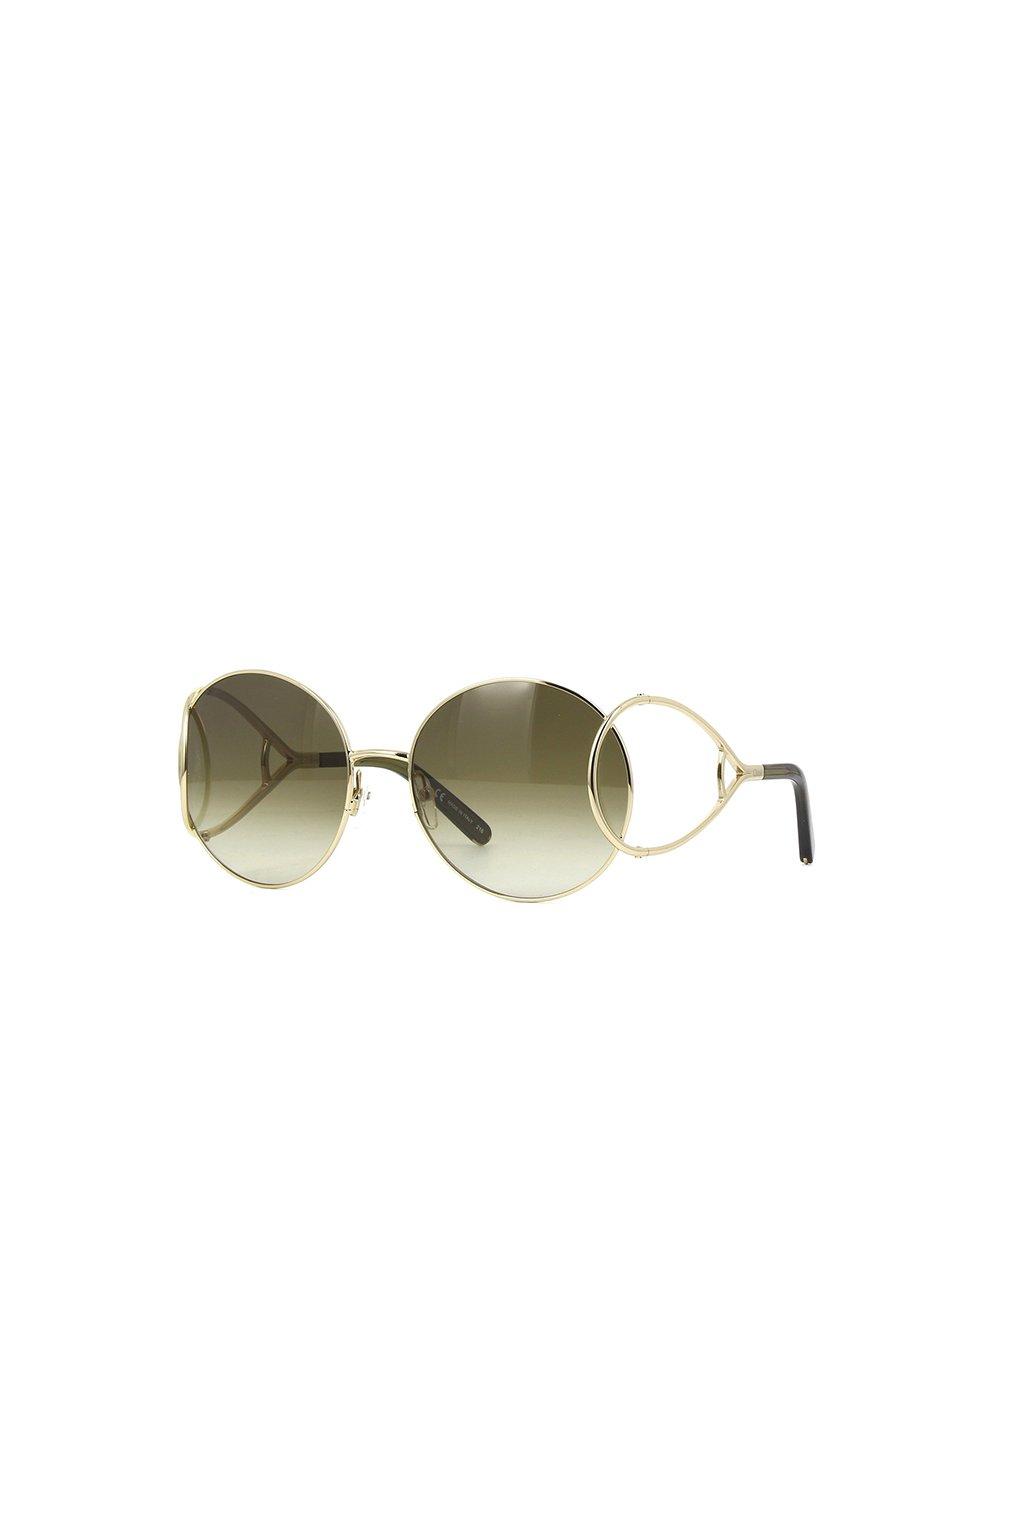 Sluneční brýle Chloé CE124S zlaté